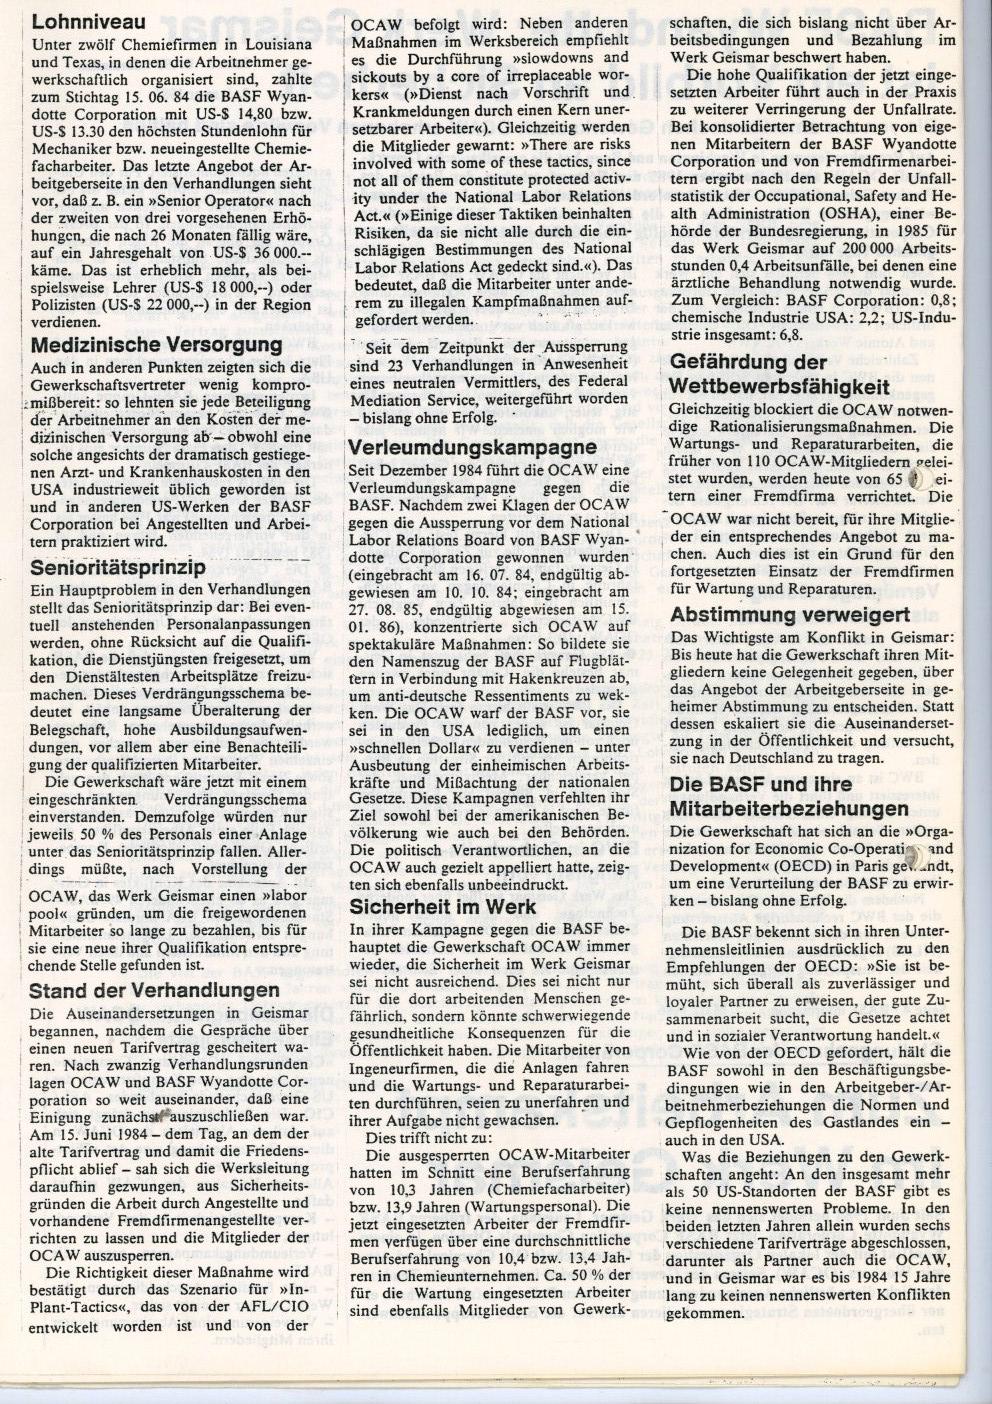 USA_BASF_Aussperrung_in_Geismar_1986_2_06